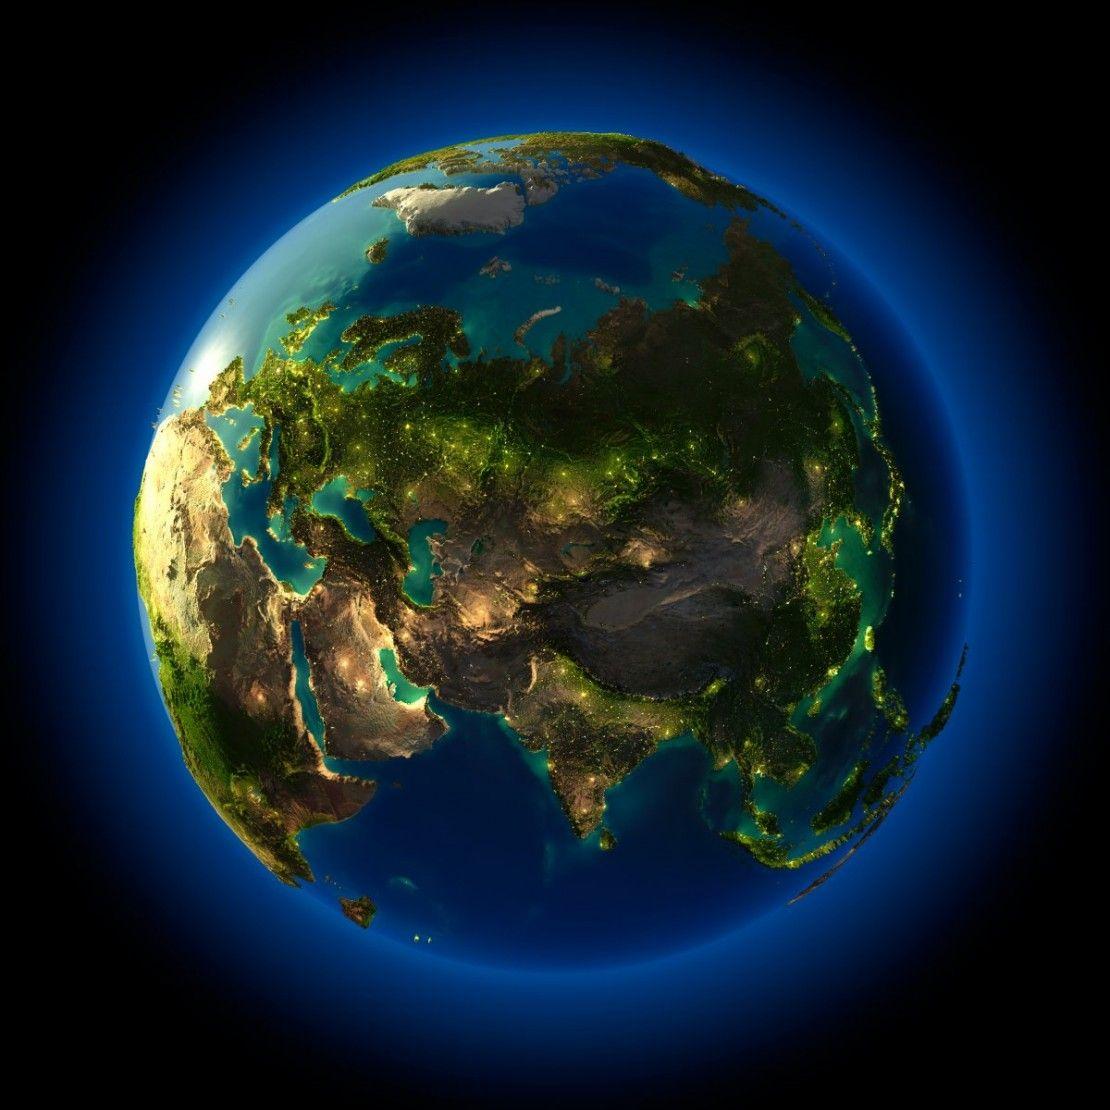 من الفضاء صور ليلية مدهشة للأرض بتفاصيل مستحيلة حرفي ا Earth From Space Earth At Night Earth Photography